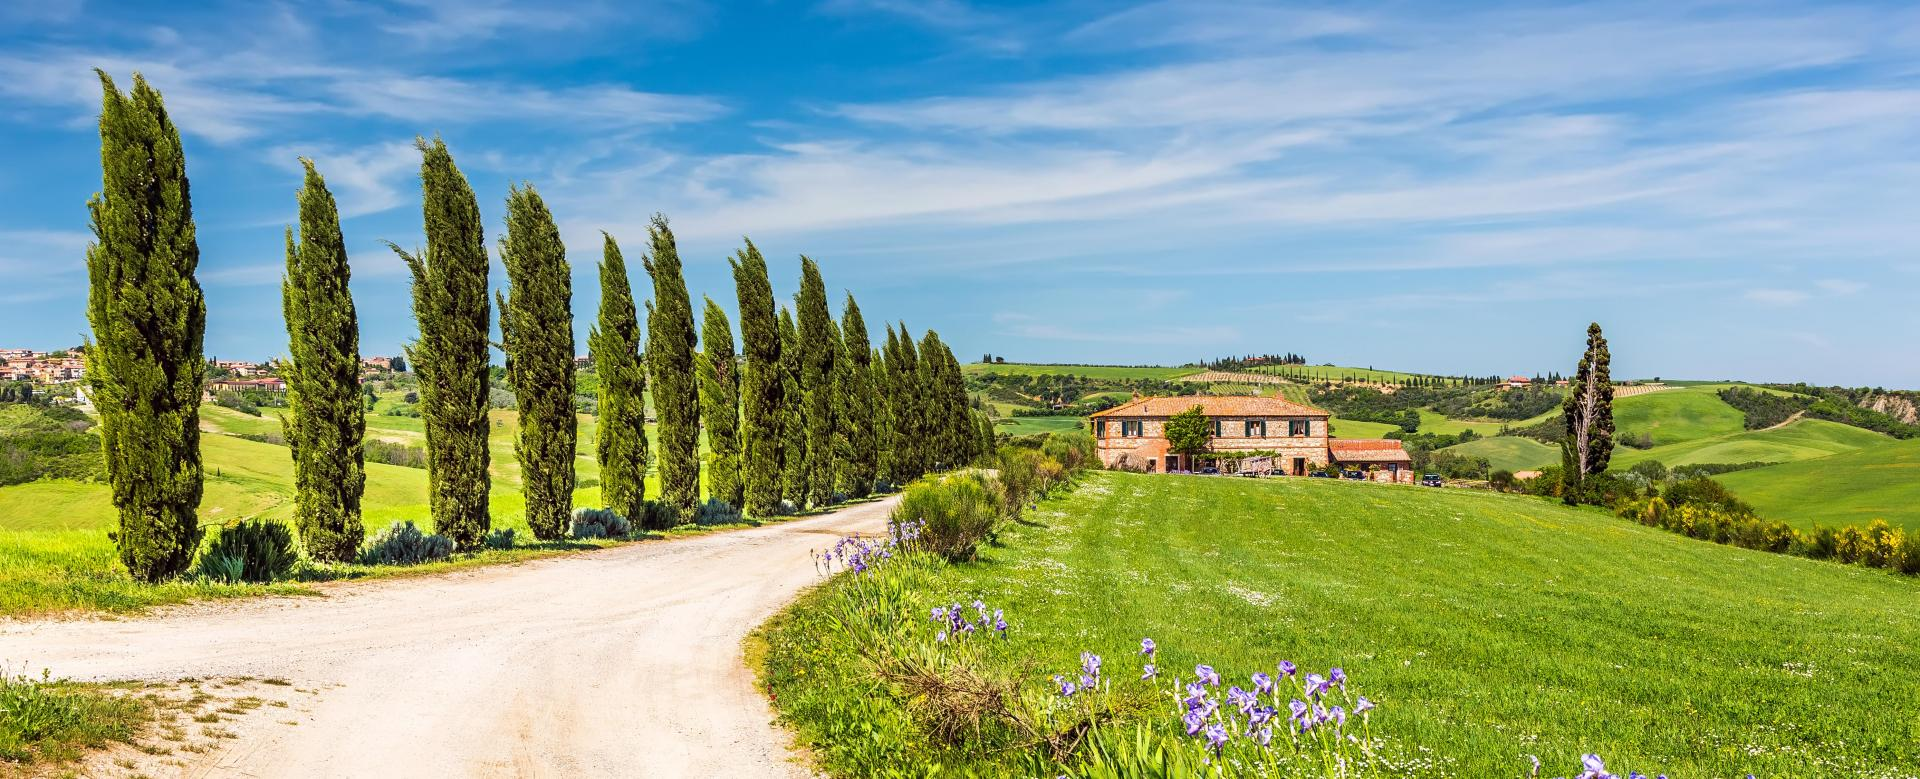 Image Toscane, terre d'histoire à vélo